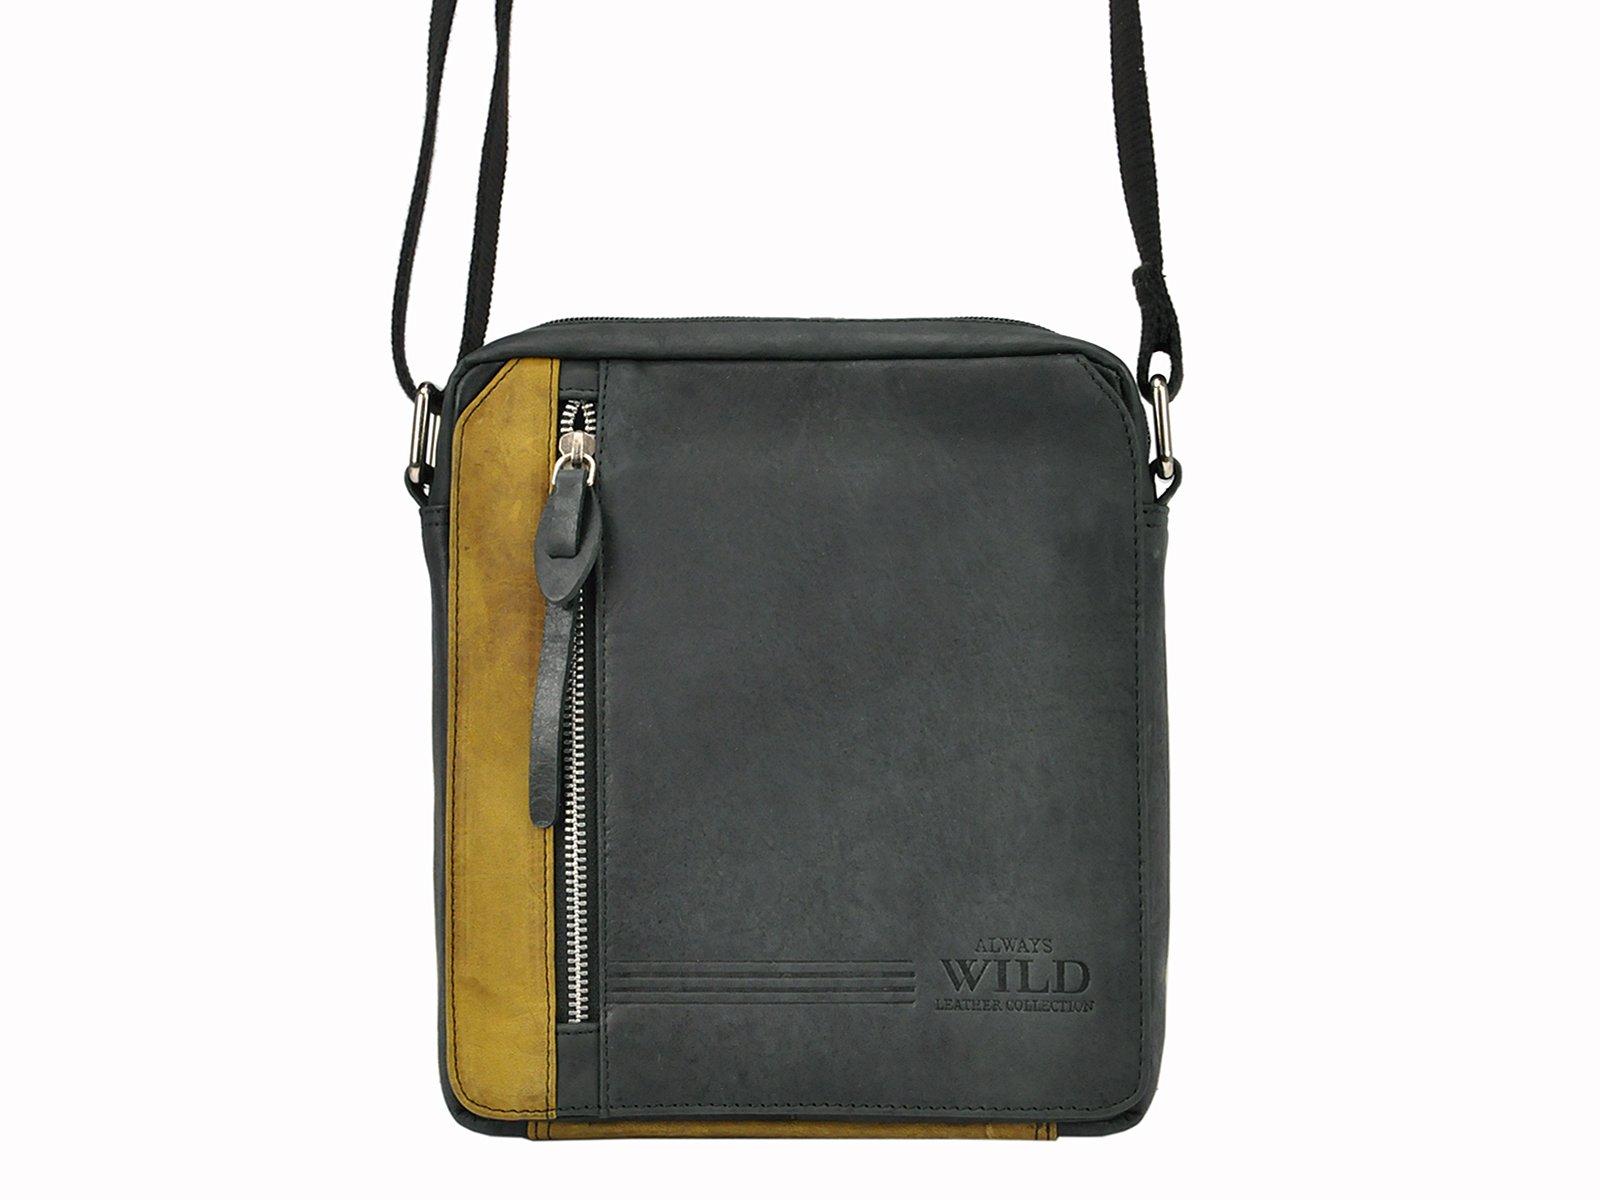 Trendy kožená taška na rameno Always Wild BAG-2-HB